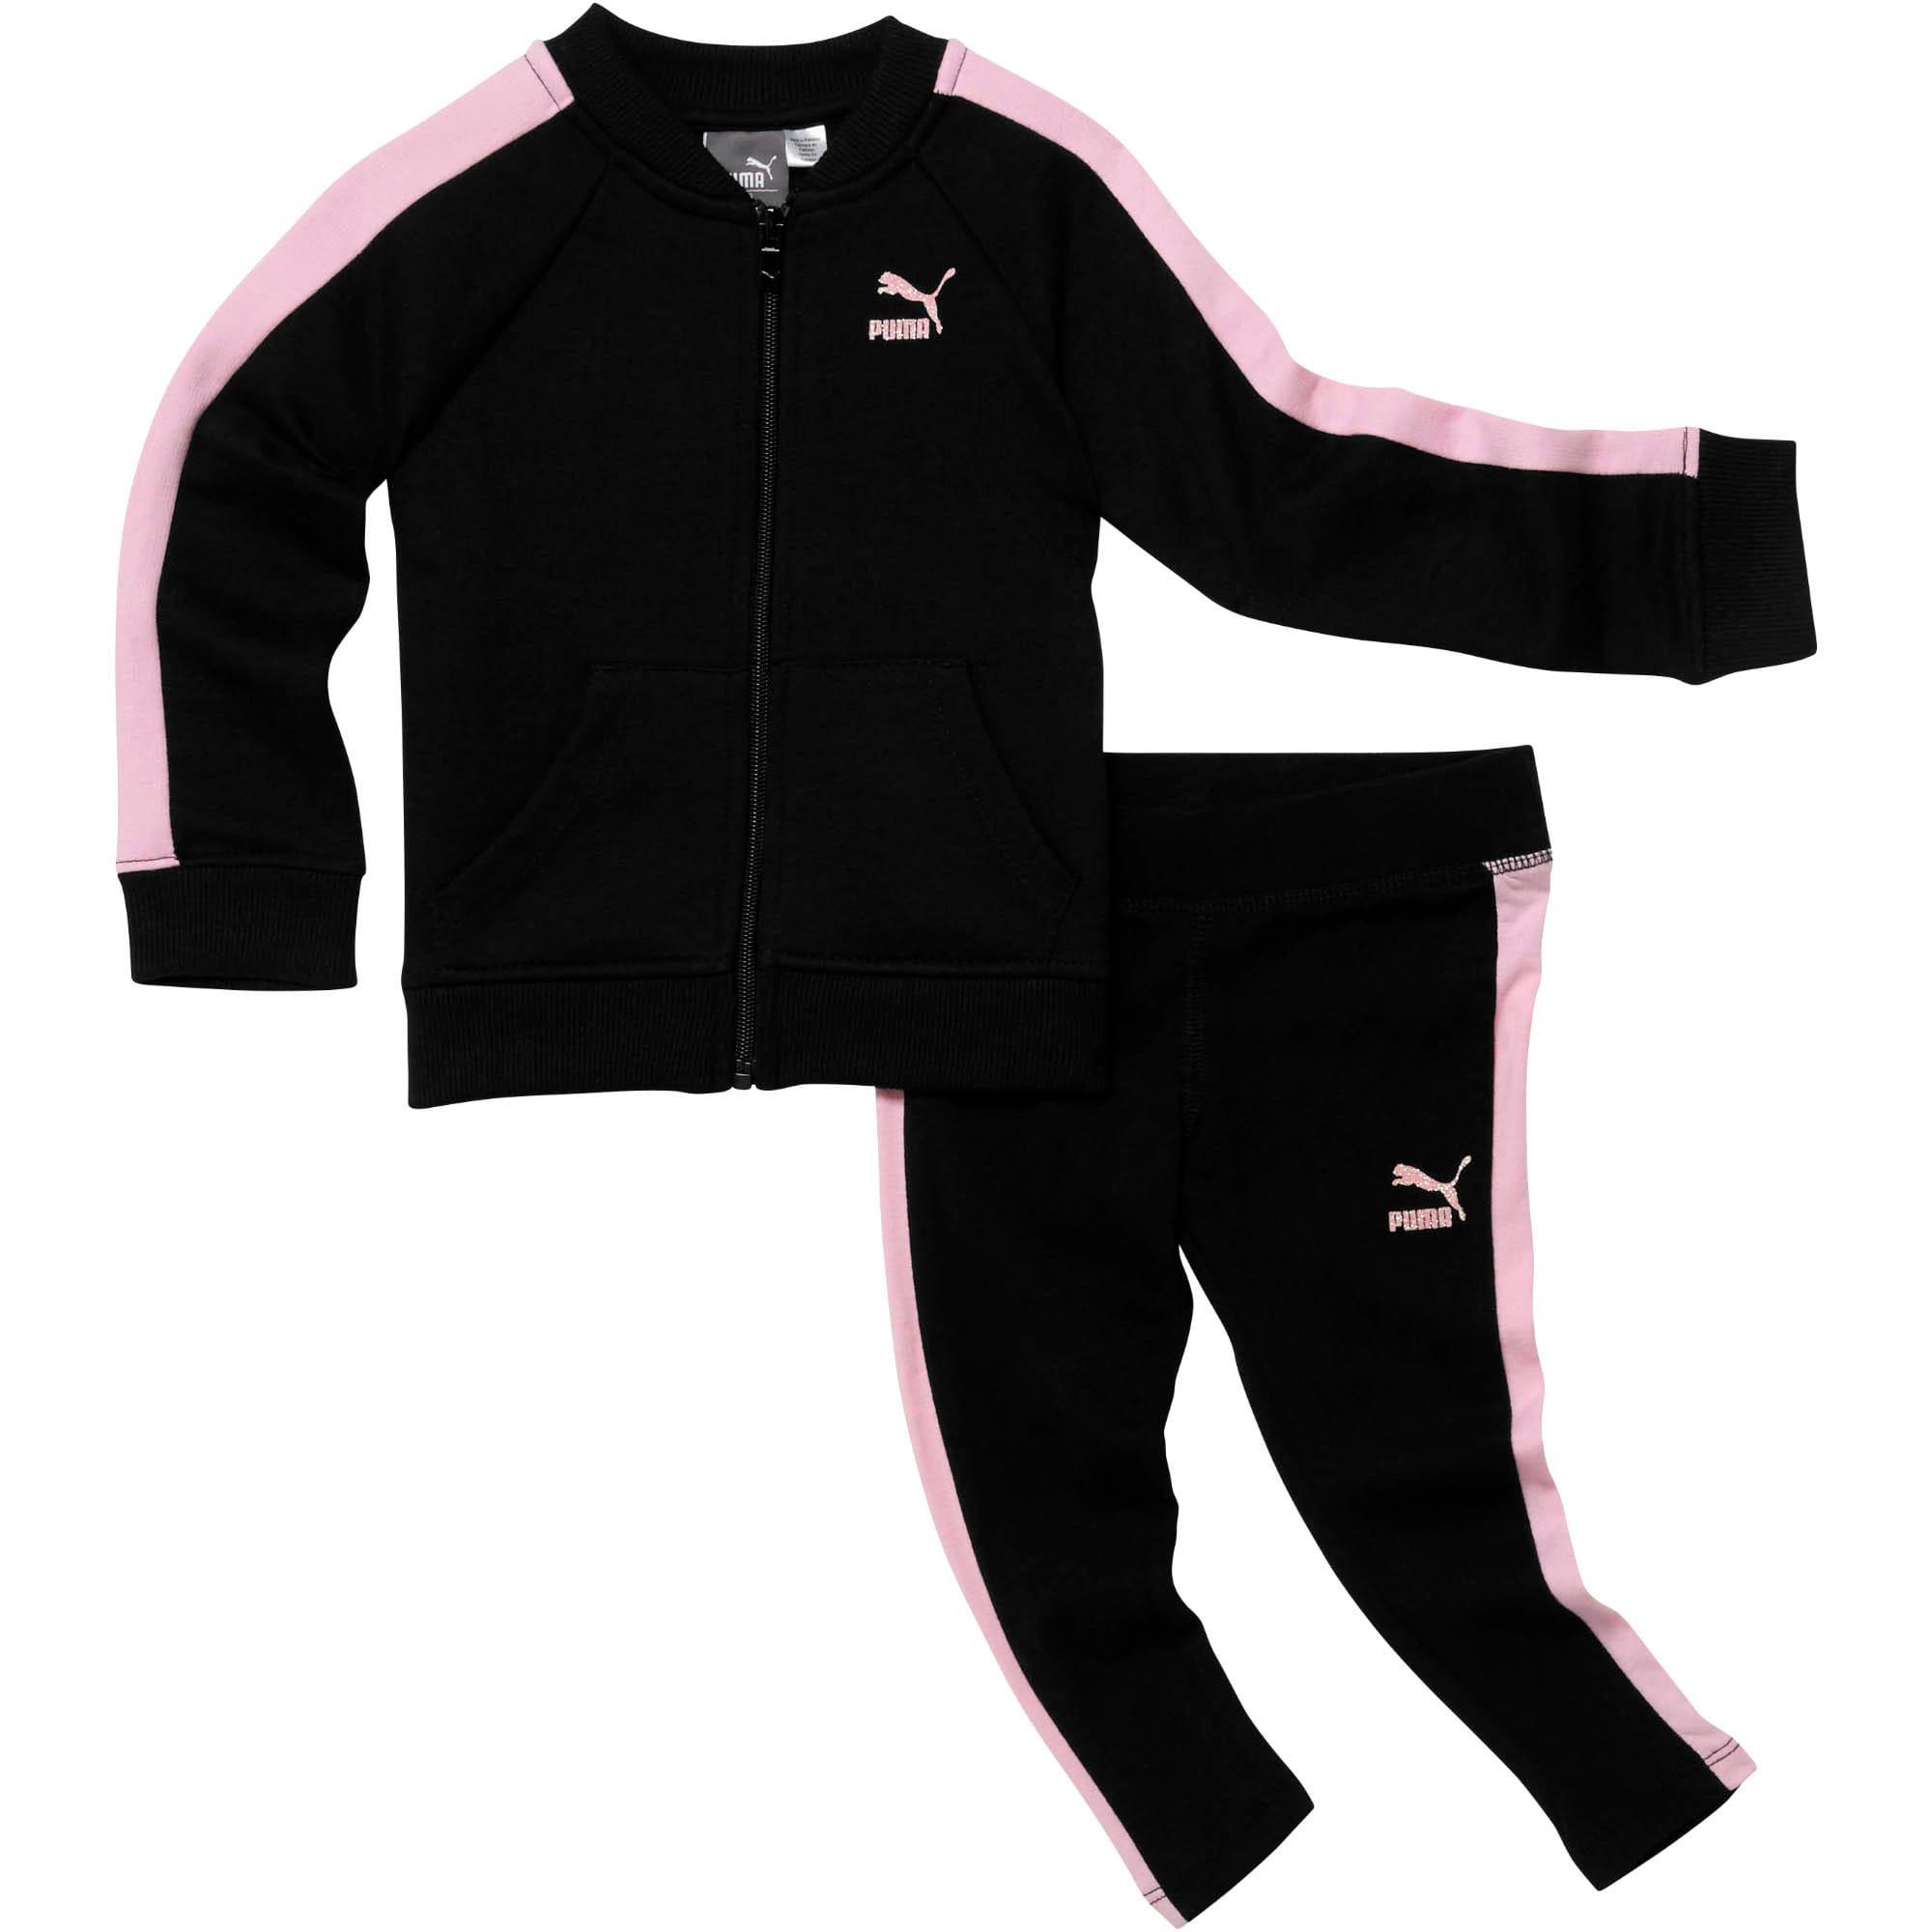 Miniatura 1 de Conjunto de dos piezas para infantes y bebés, PUMA BLACK, mediano